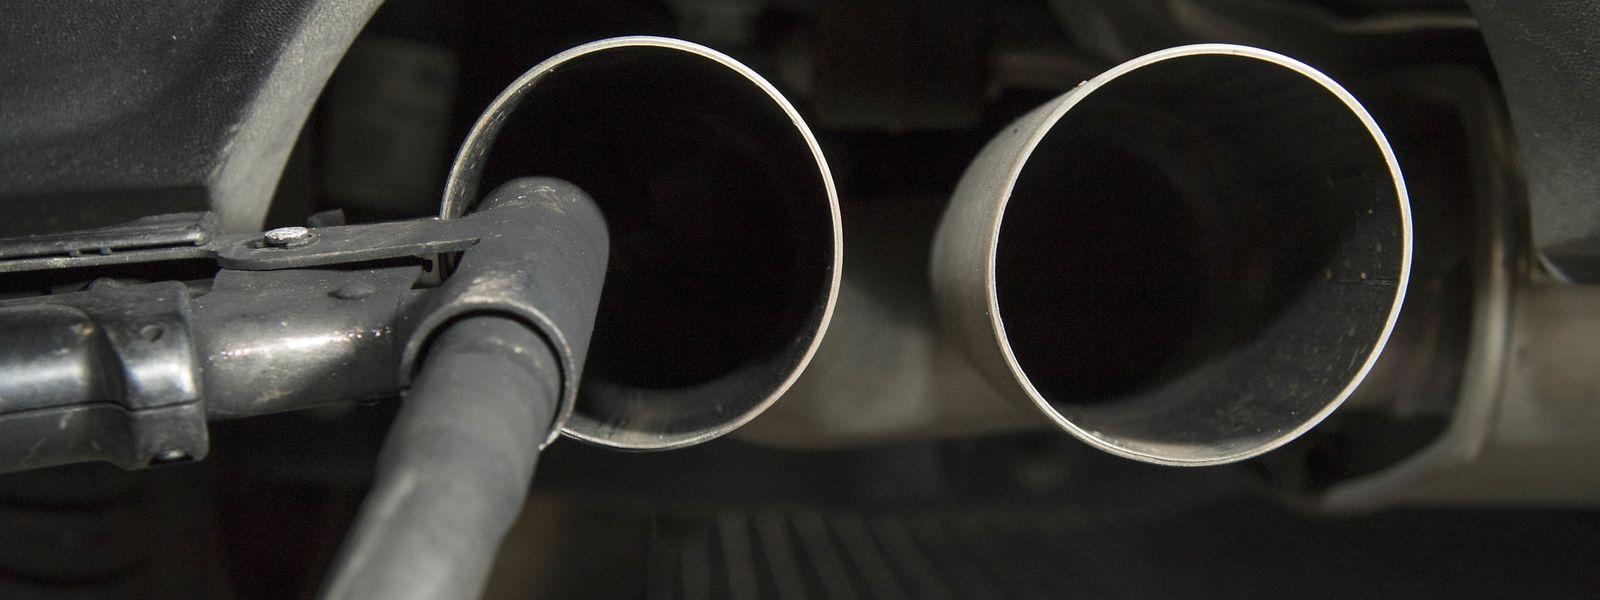 En équipant ses voitures de logiciels capables de les faire apparaître moins polluantes, le groupe automobile allemand a «trompé sciemment et systématiquement pendant plusieurs années» les autorités et le public.